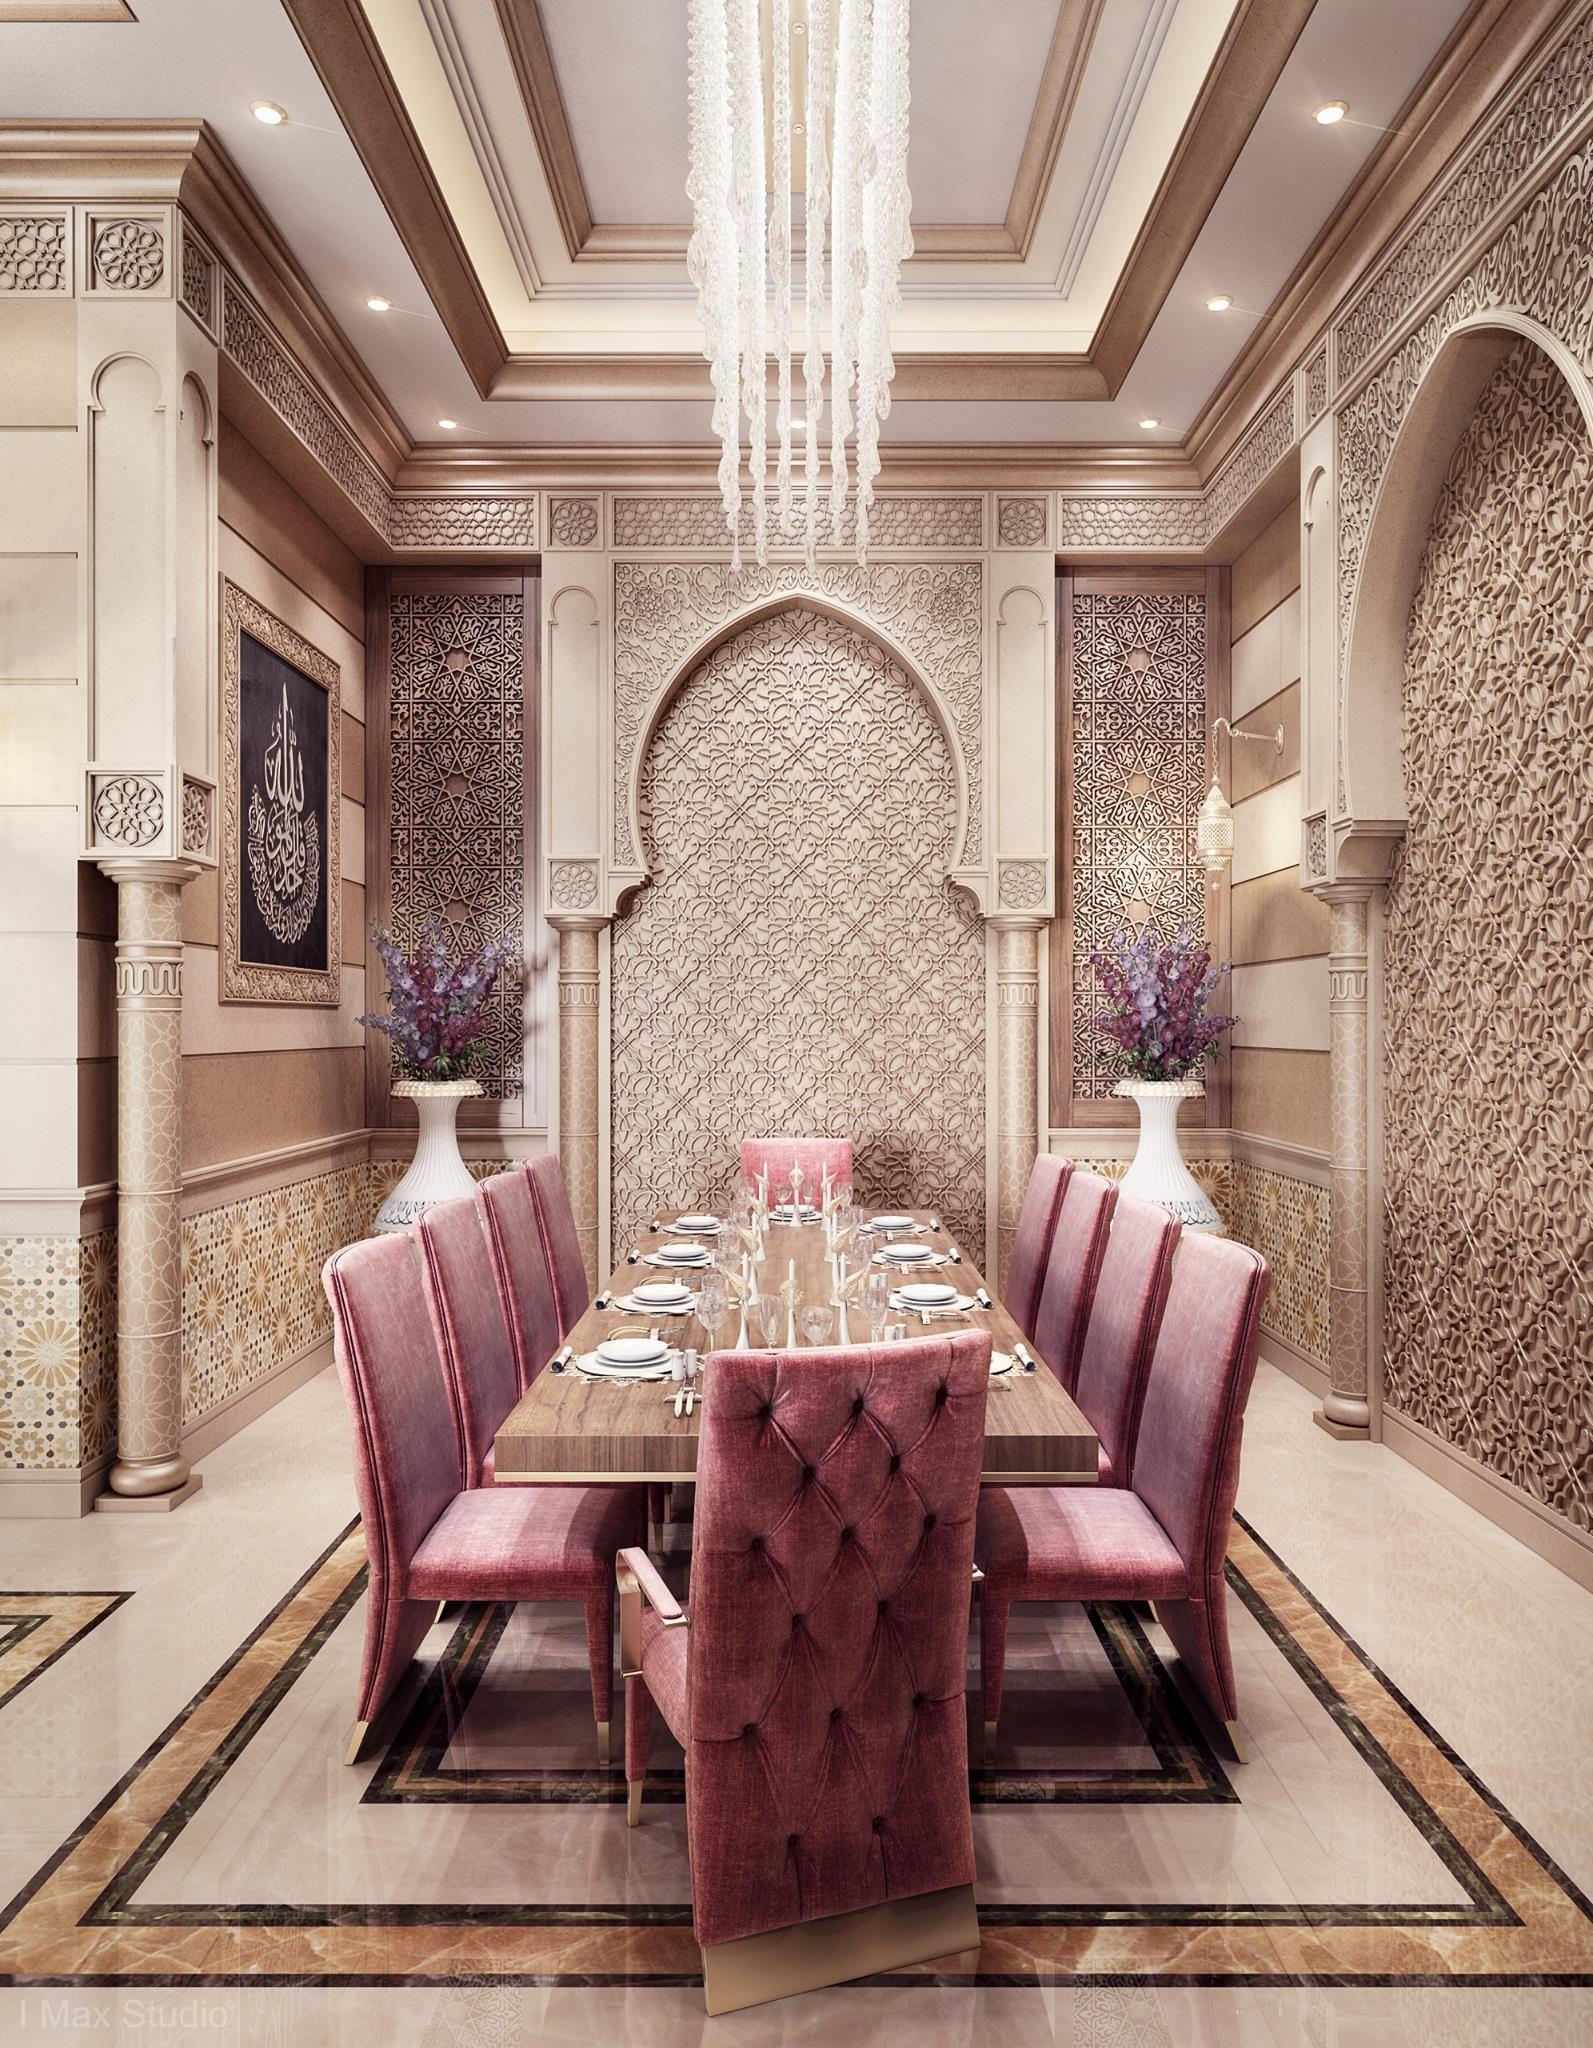 Interior Design Of Dining Room: Dining Room Design, Elegant Dining Room